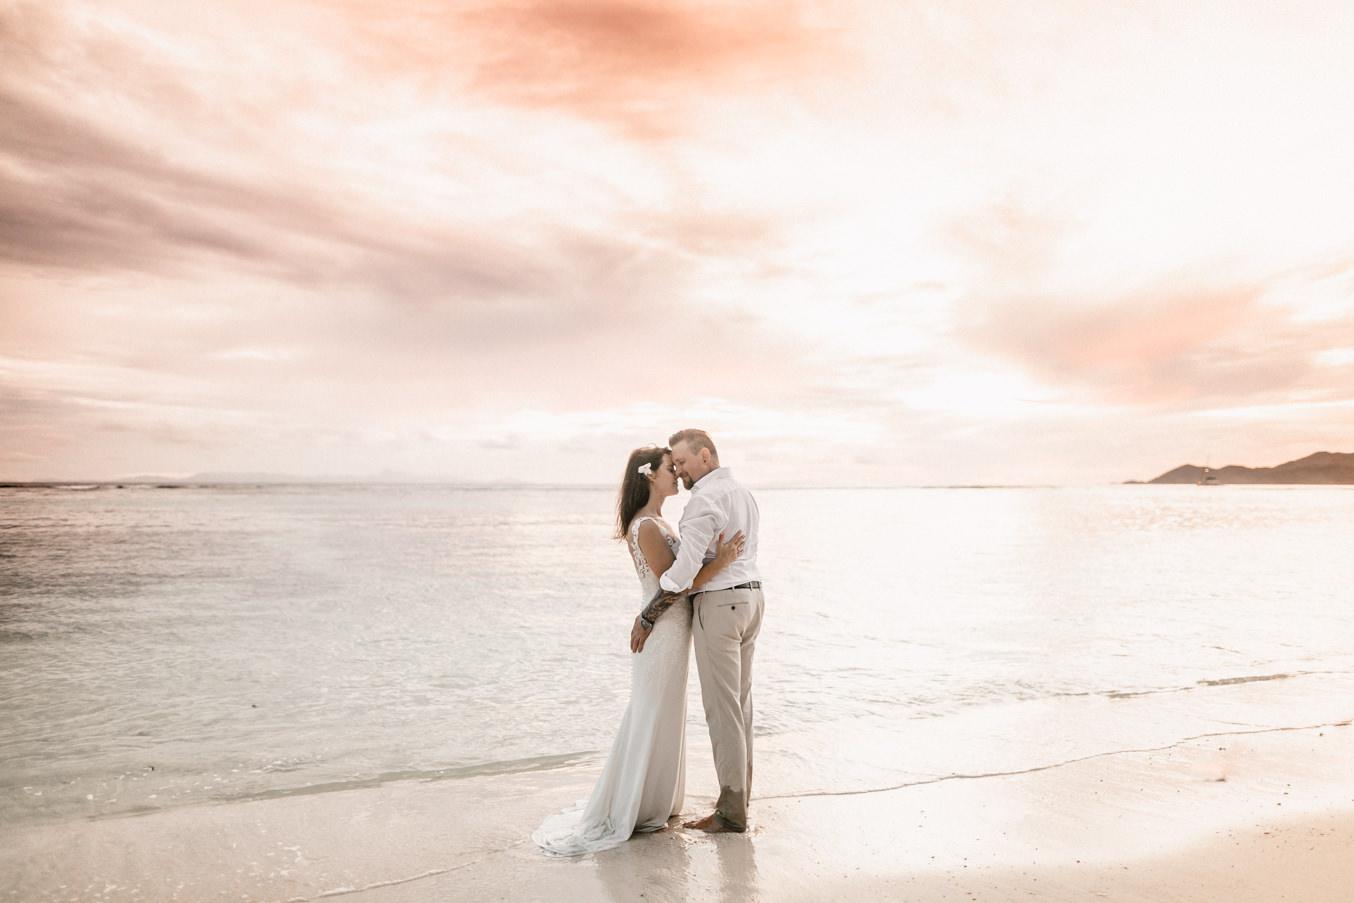 Brautpaar und Hochzeitsfotograf am Strand auf den Seychellen